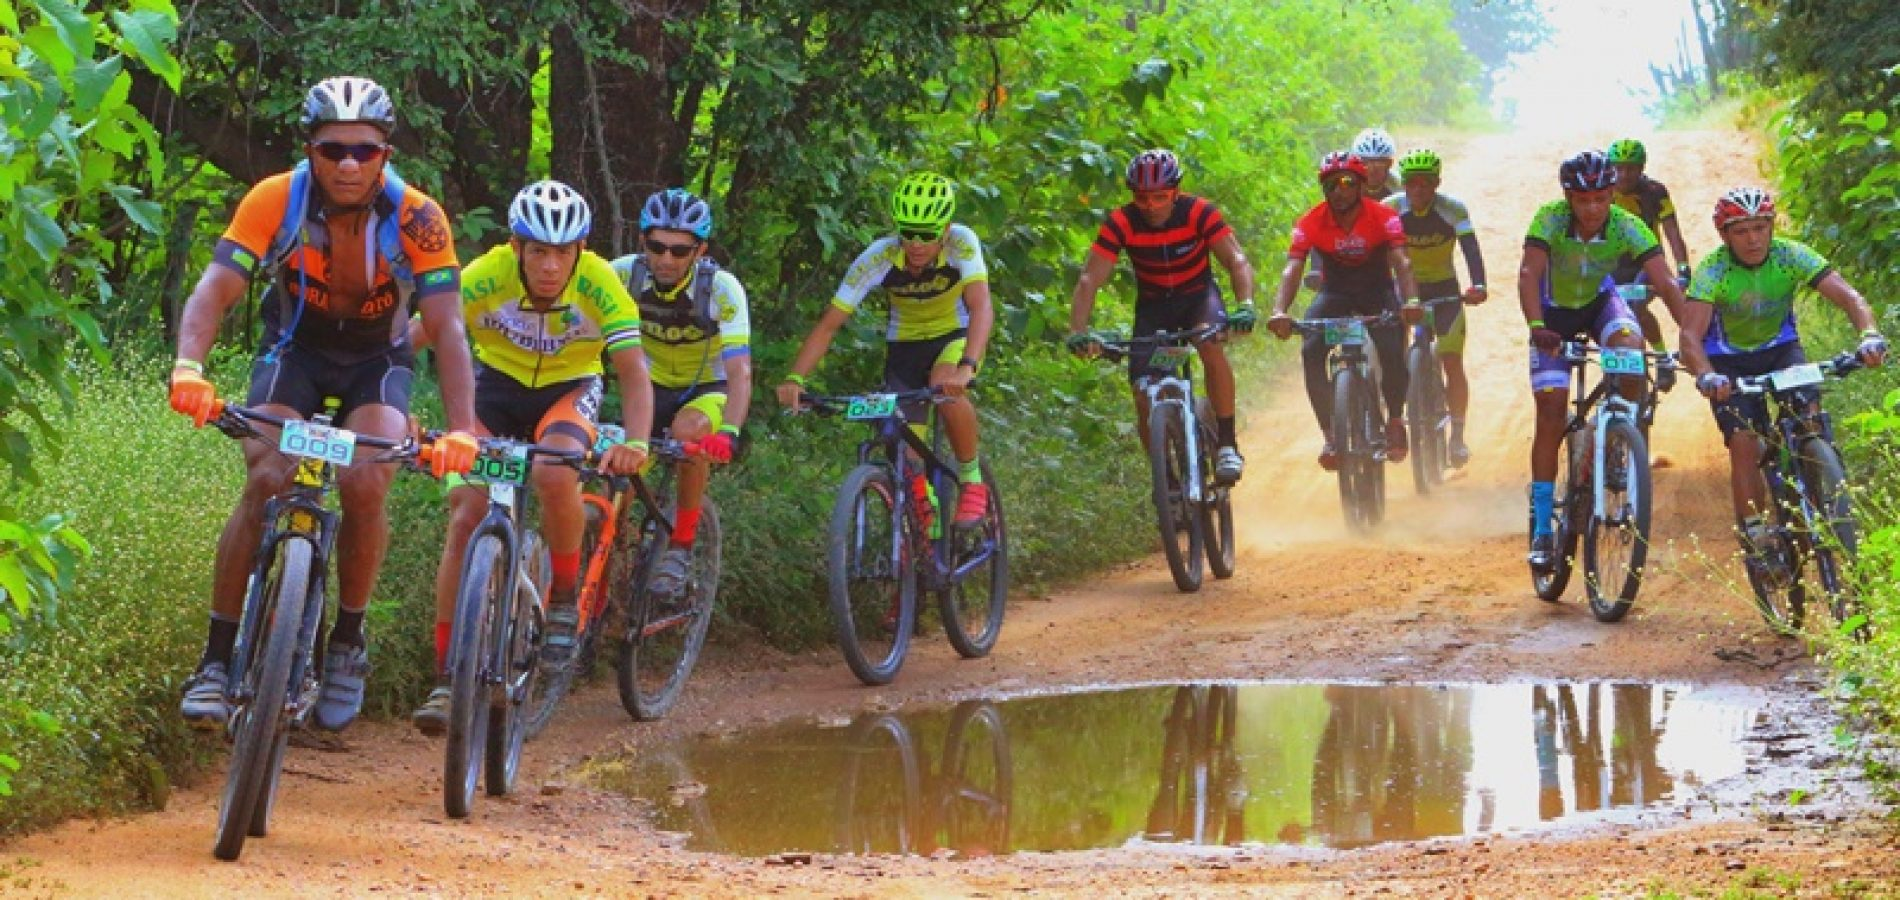 Caridade do Piauí sediará 2ª edição do Bike Test, maior evento de ciclismo da região; inscrições abertas!